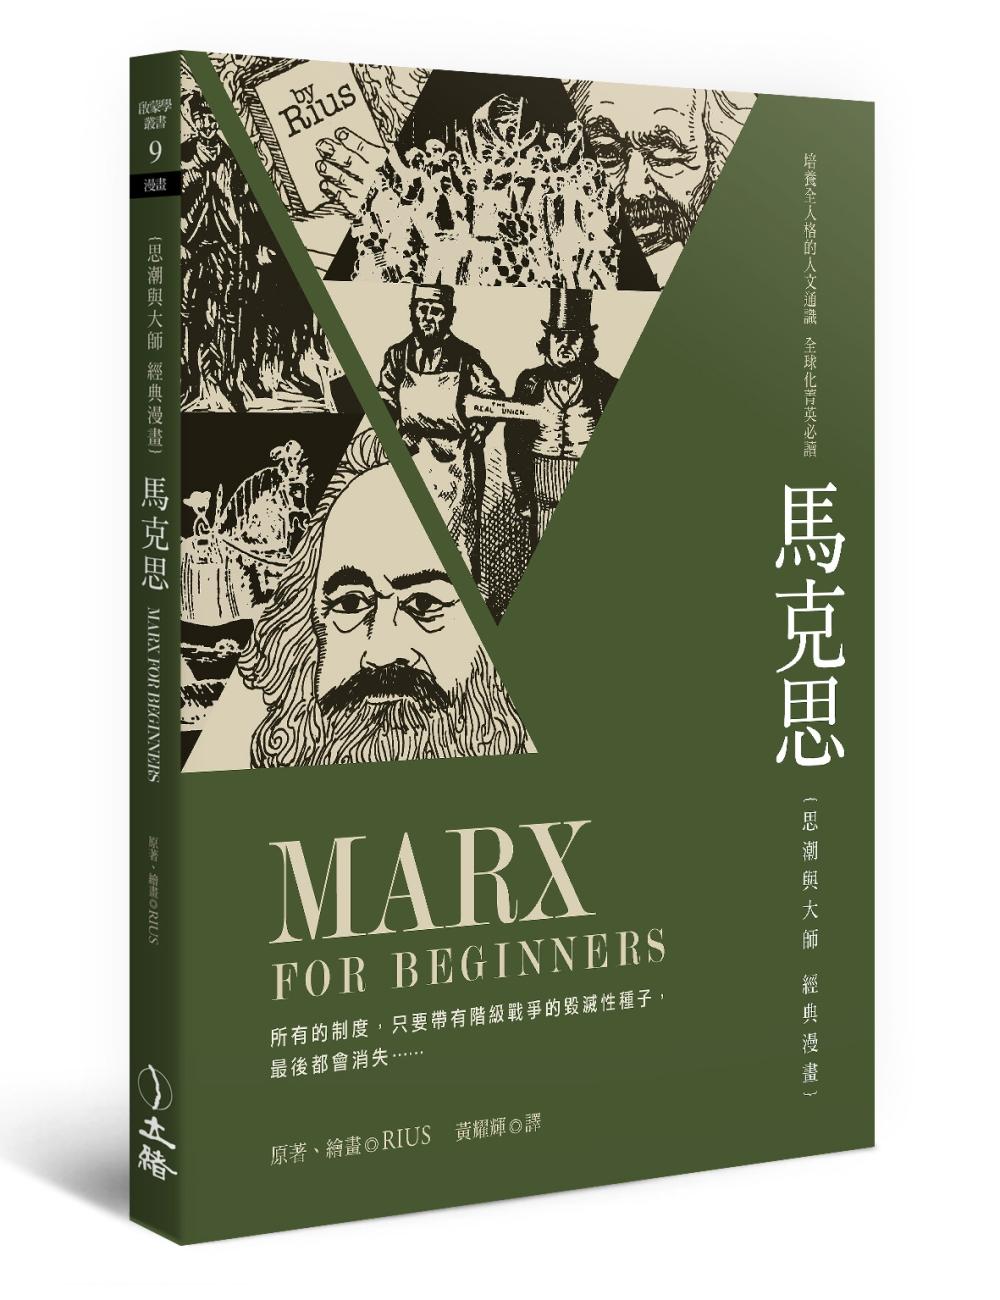 《馬克思:思潮與大師經典漫畫(二版)》 商品條碼,ISBN:9789863601029